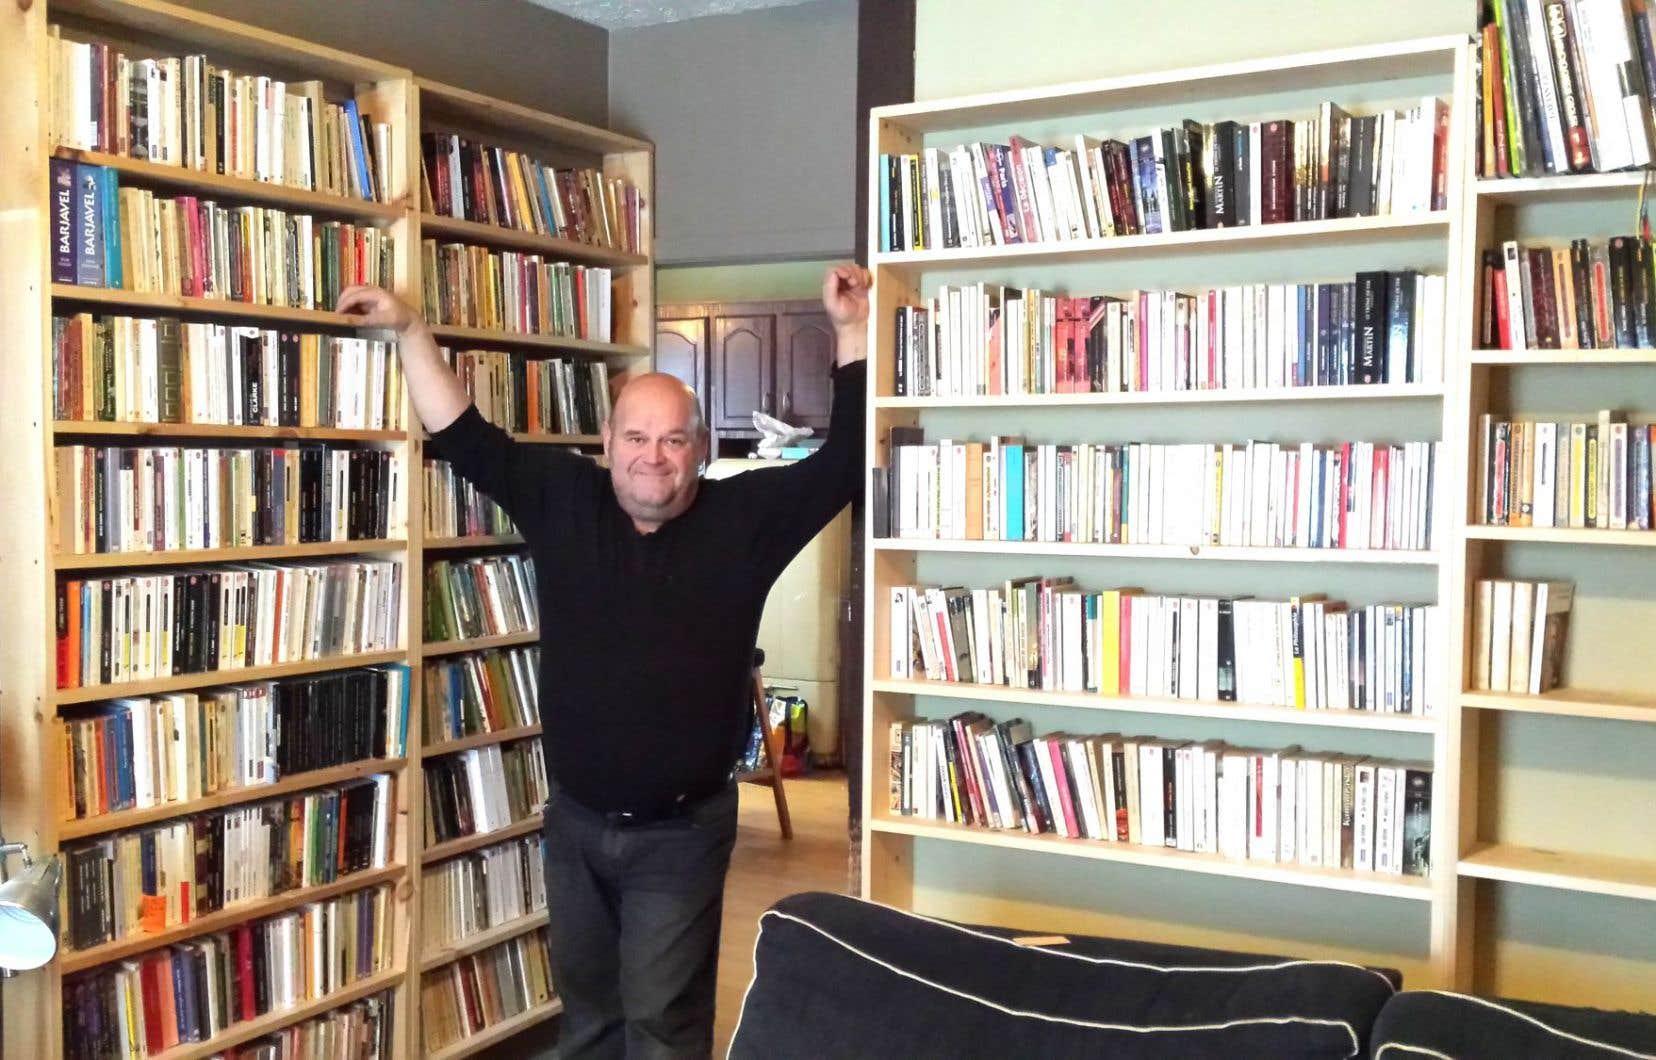 Le «publibrairie» Le Salon, de Michel Vézina, est une oasis loin des villes pour assoiffés de bulles blondes et de livres, où les soirées du hockey seront poétiques.